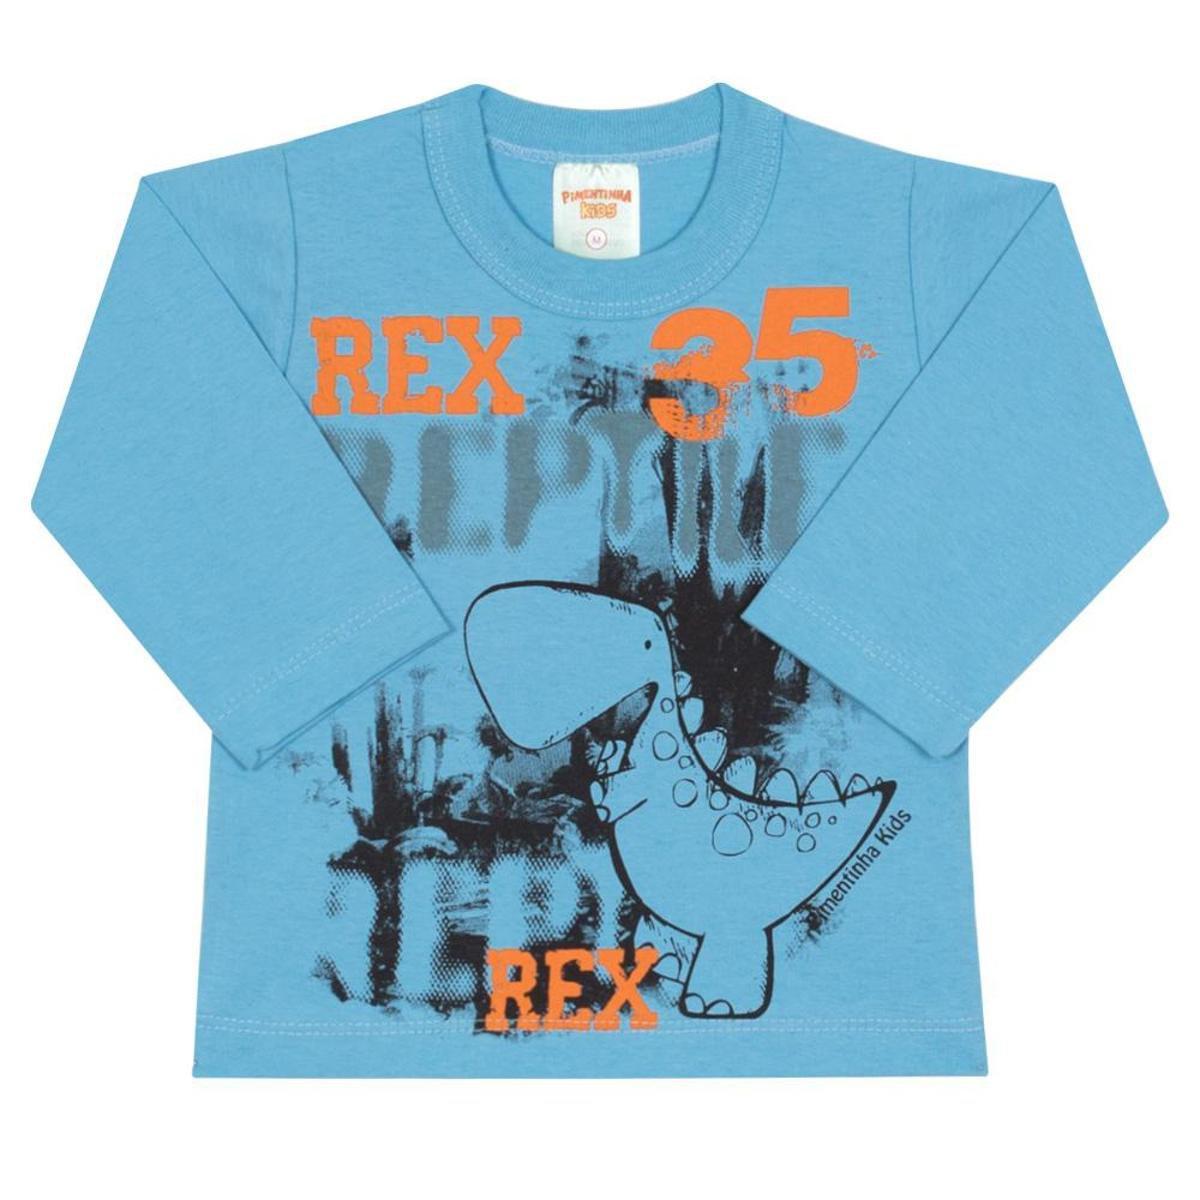 9015bef54f Camiseta Bebê Rex em Meia Malha Masculina - Compre Agora